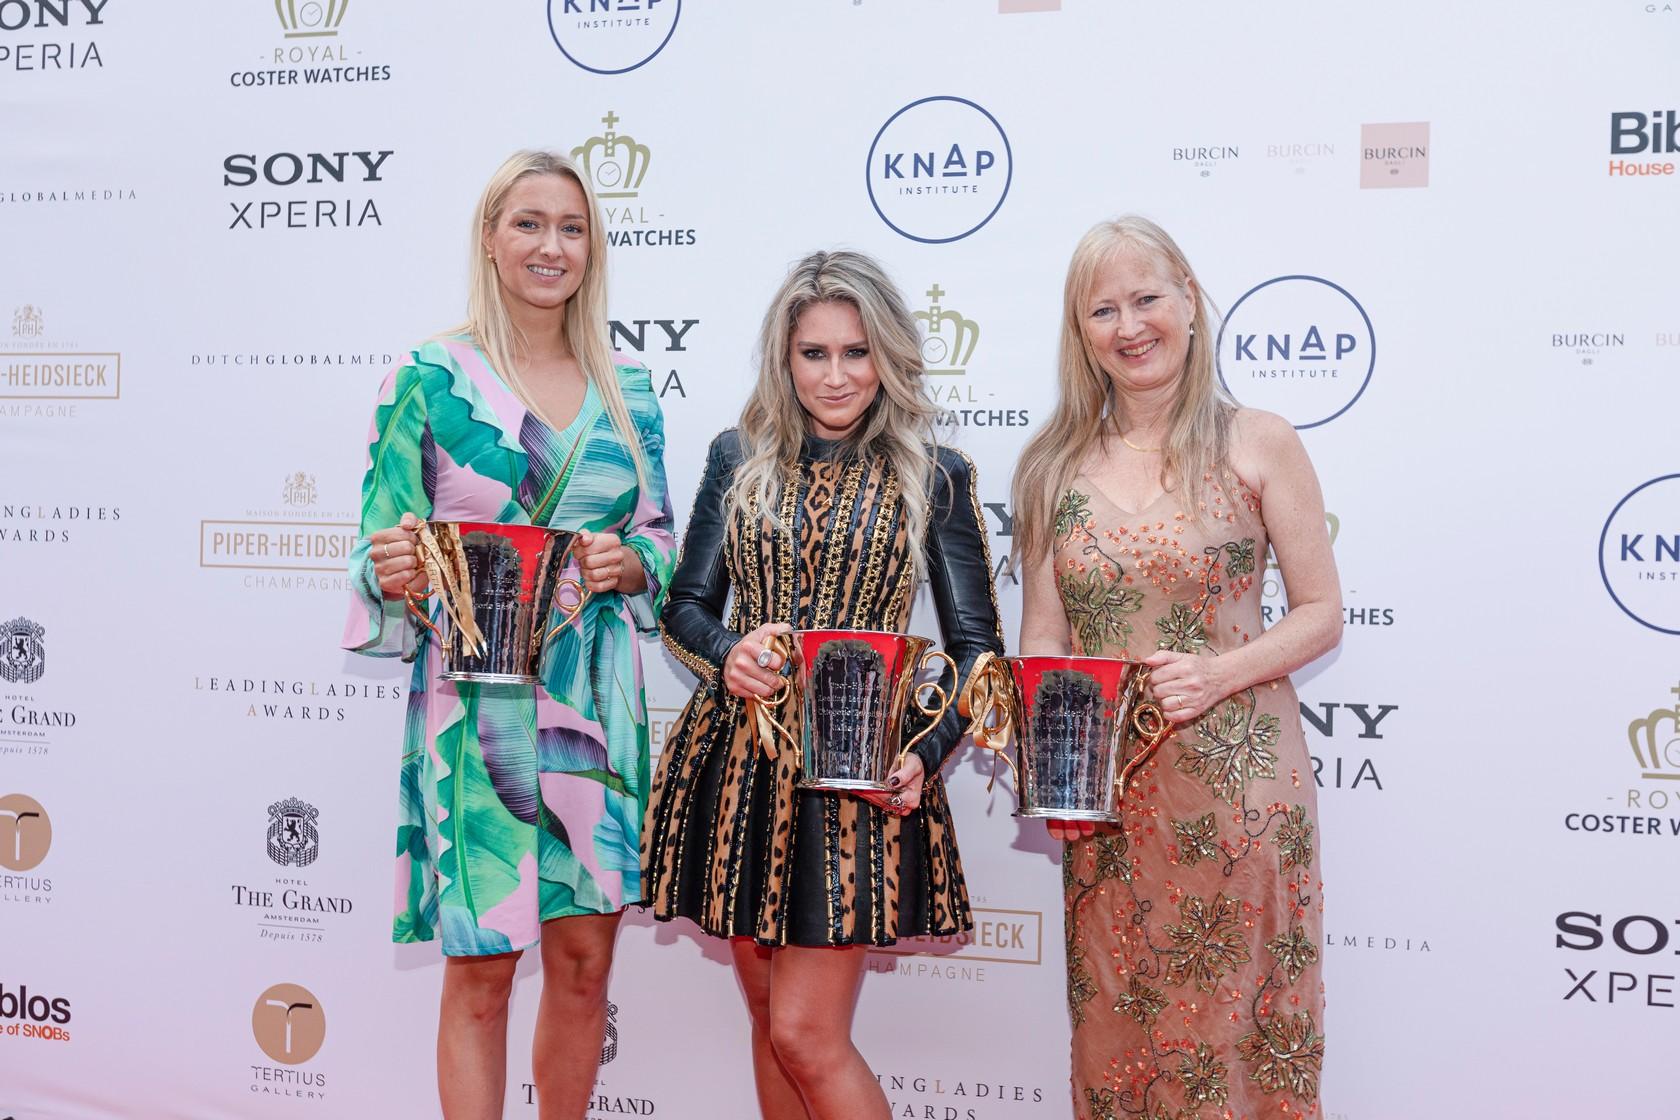 2.-Piper-Heidsieck-Leading-Ladies-Awards-Manon-van-Essen-Nikkie-Plessen-Sascha-Gabizon